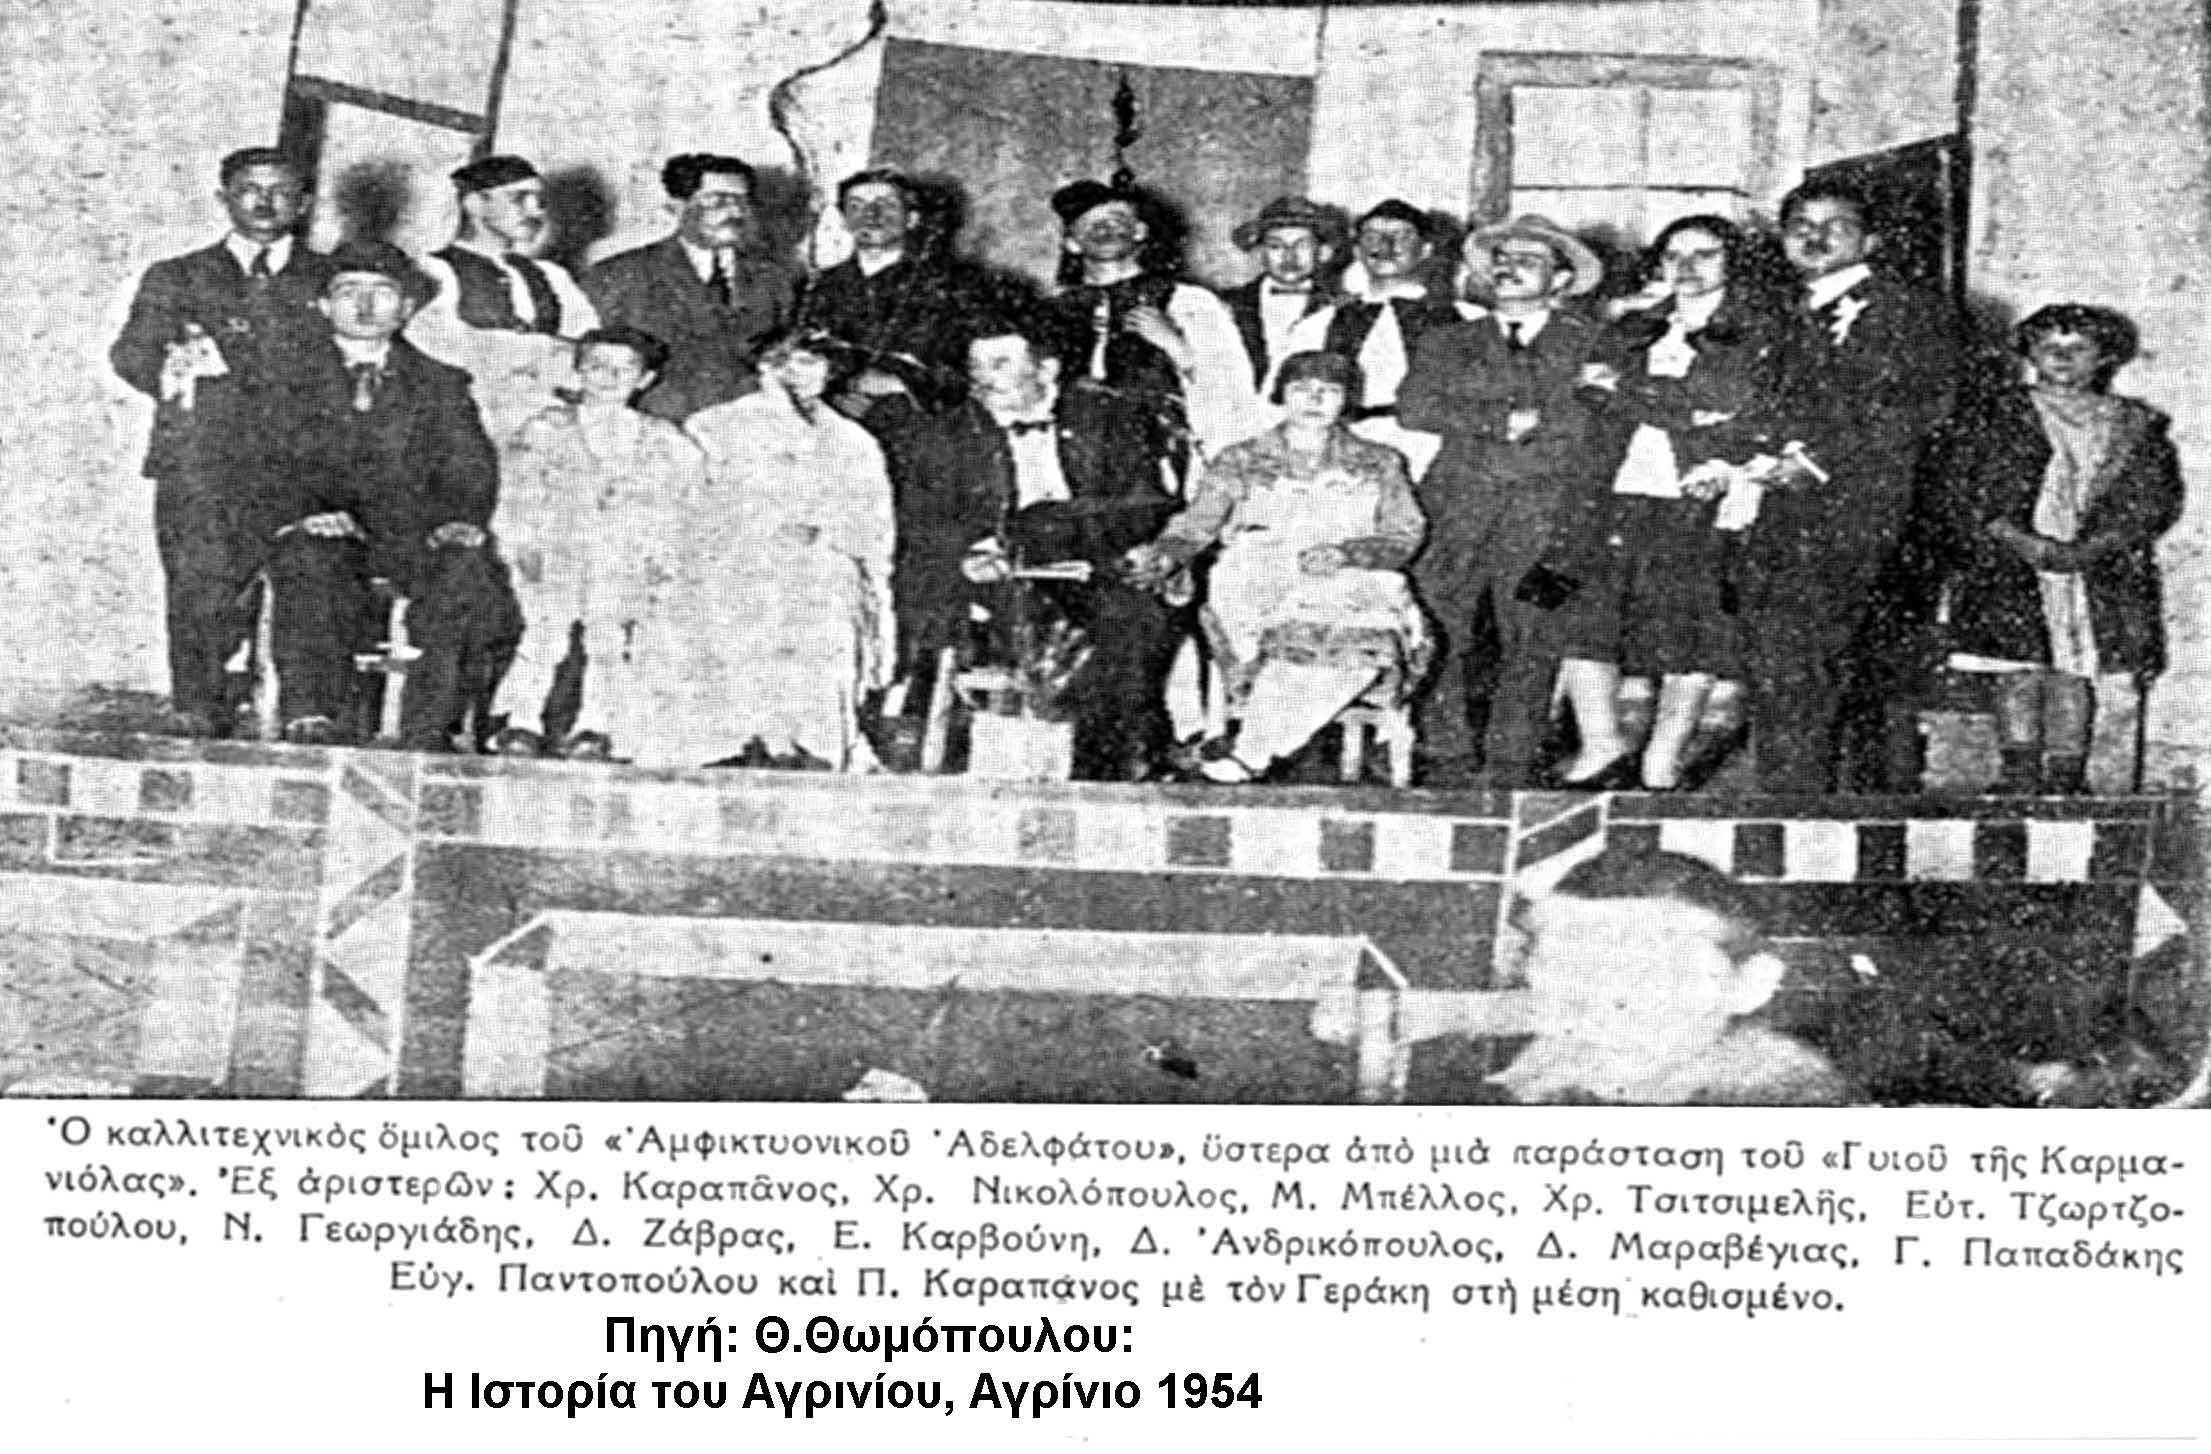 Αμφικτυονικό Αδελφάτο: Ο φορέας που ρίζωσε το θέατρο και τον πολιτισμό στο Αγρίνιο